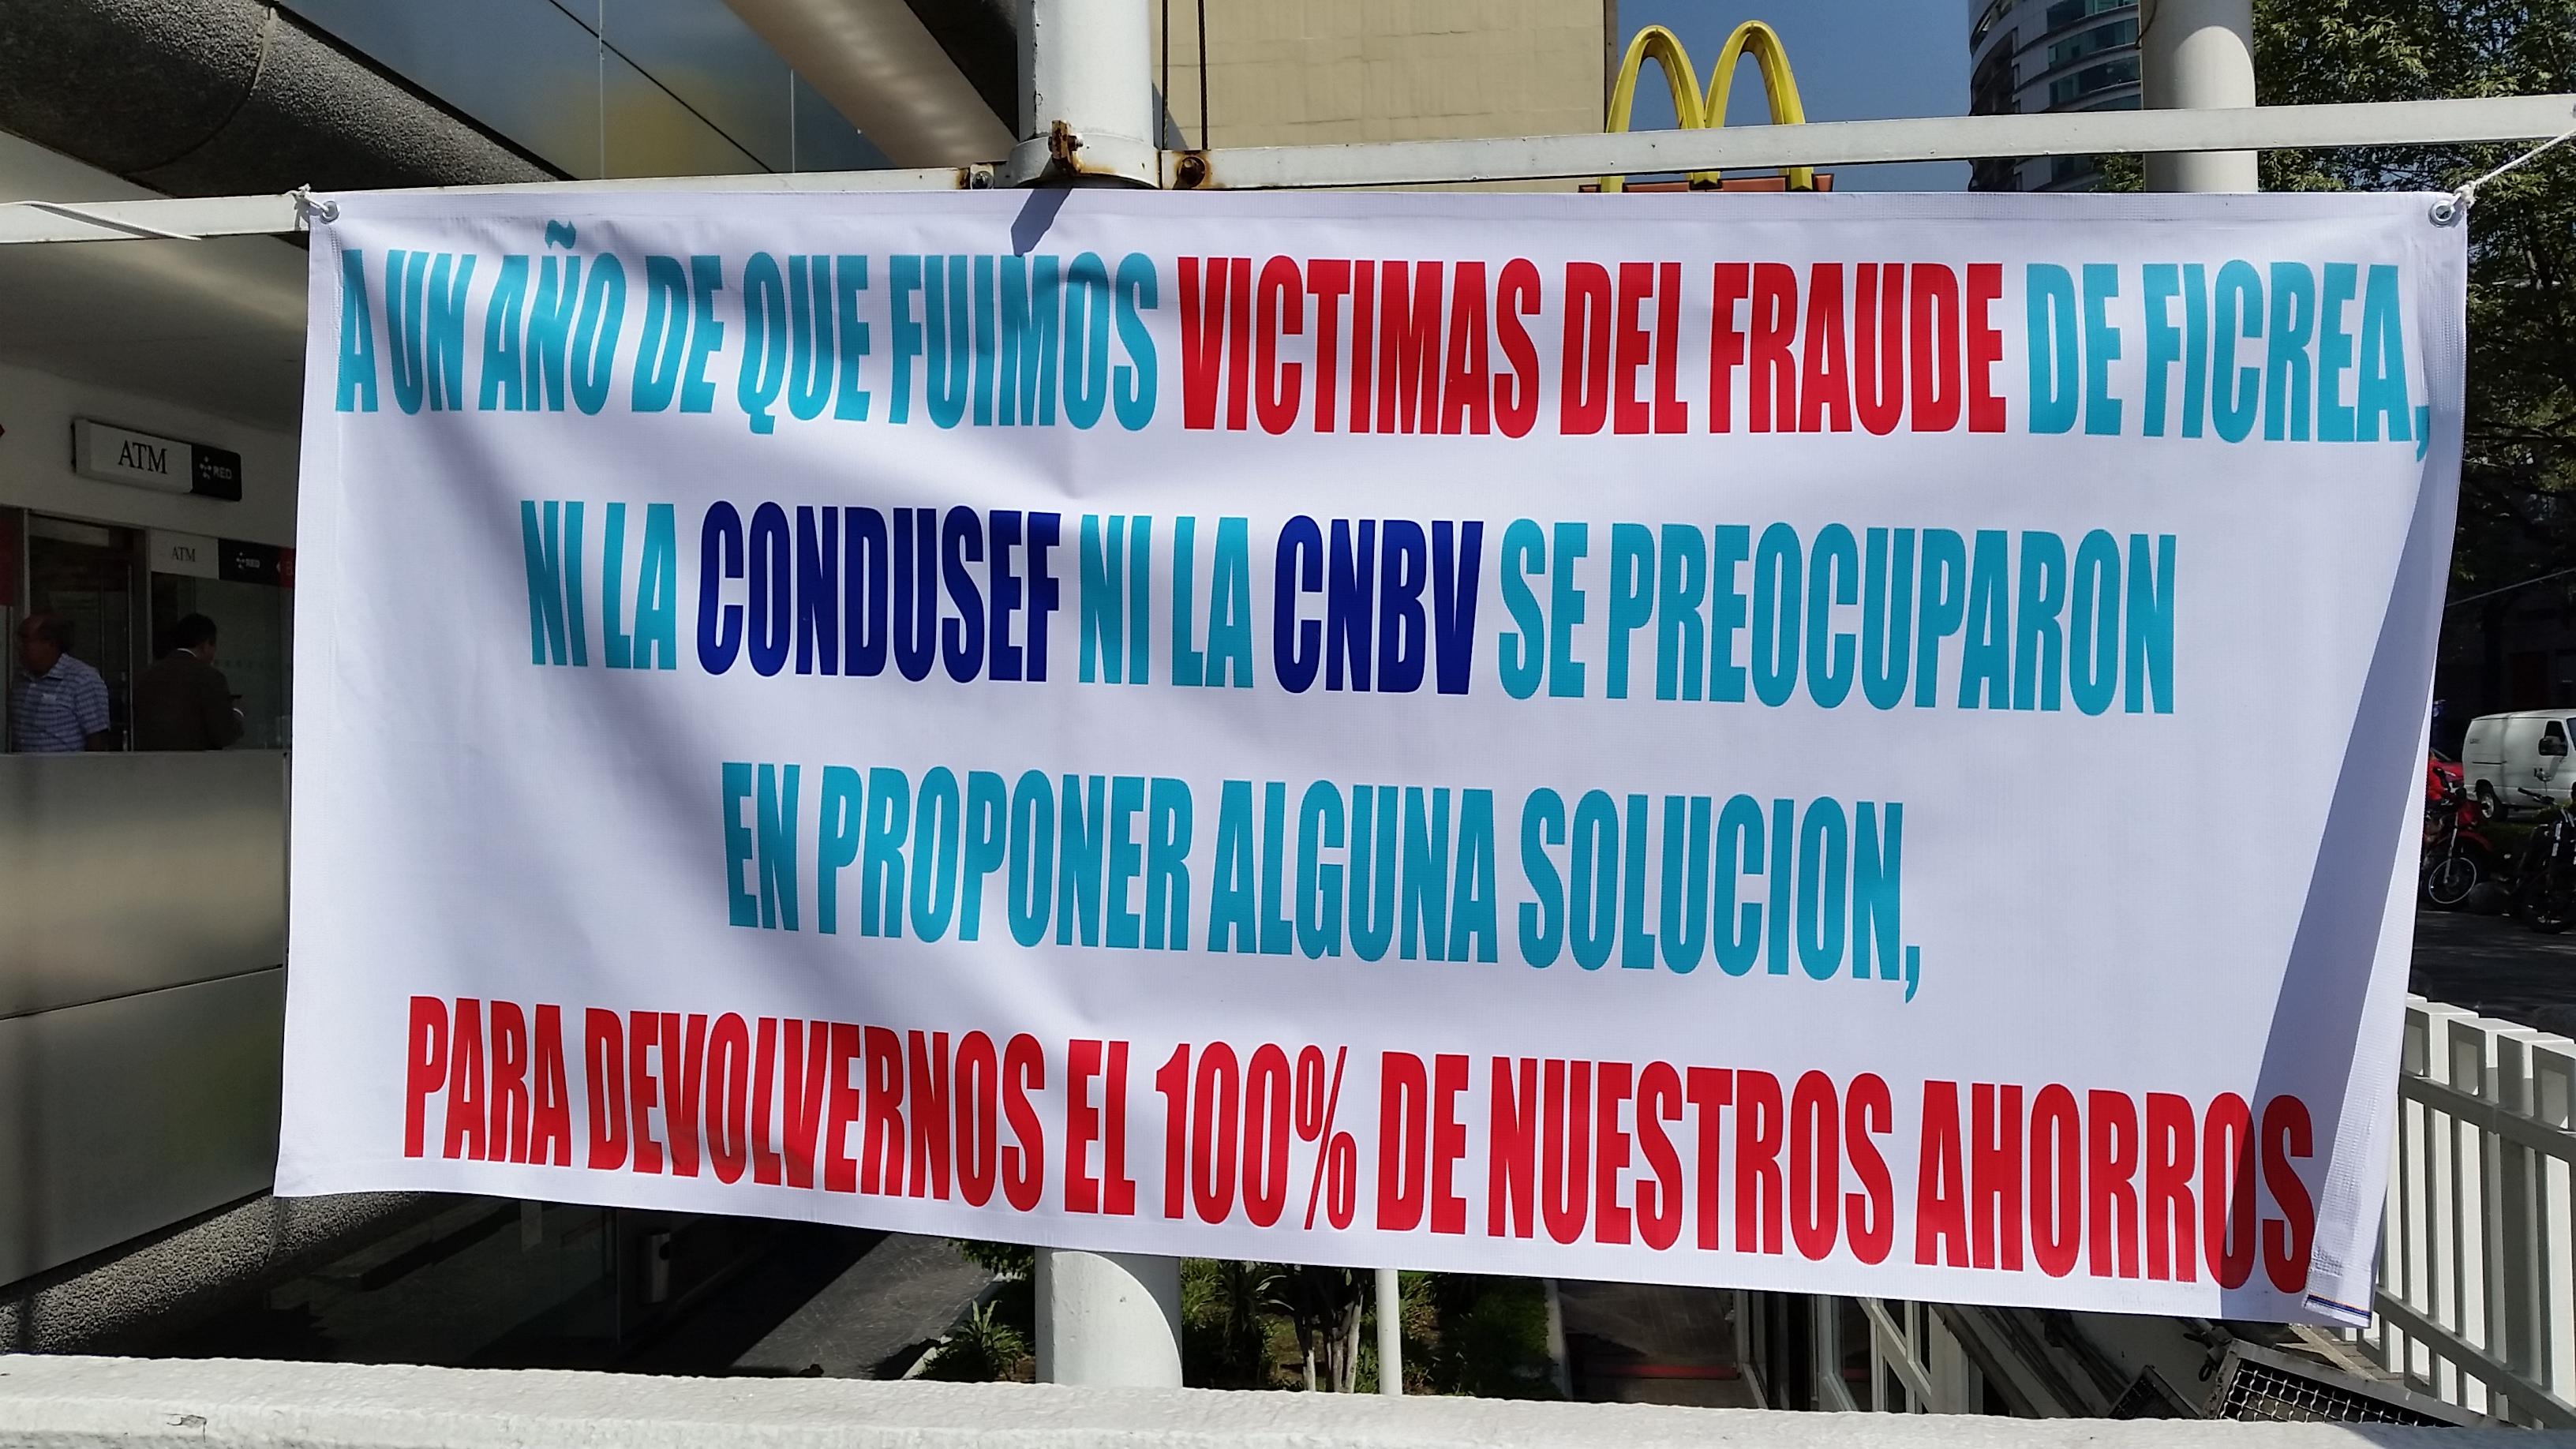 Ahorradores defraudados por Ficrea